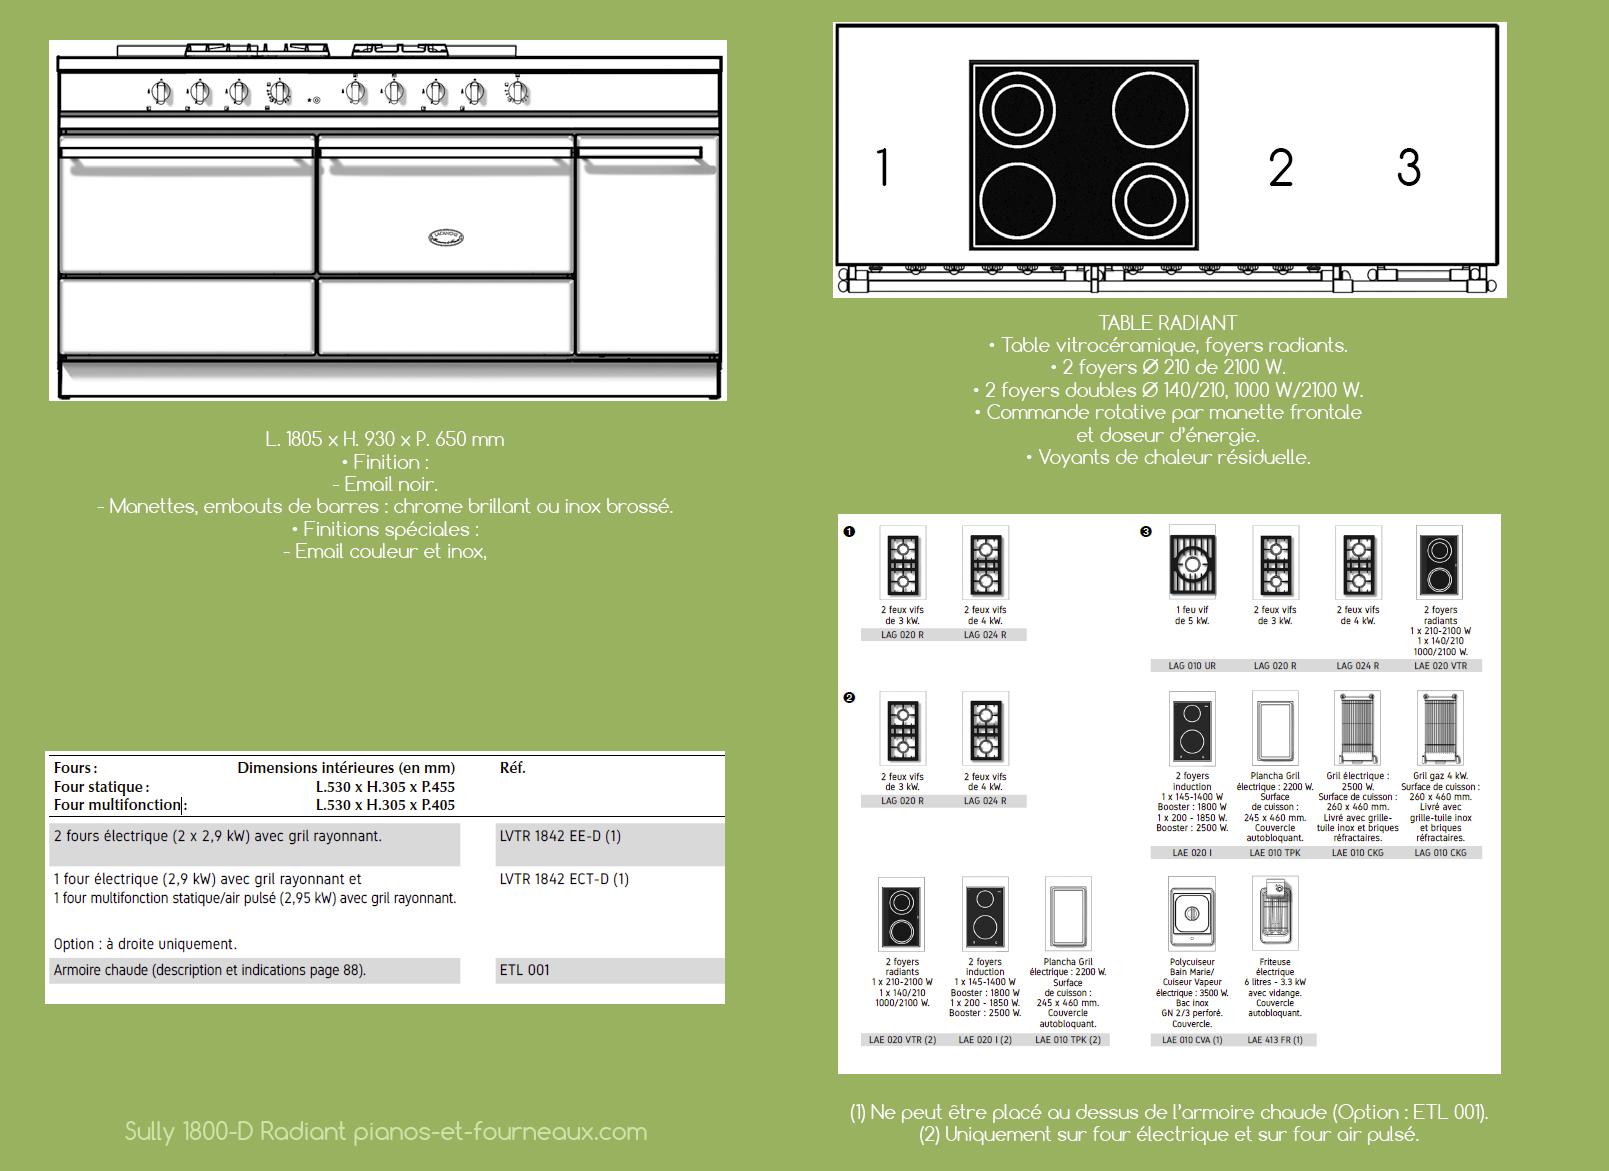 Sully 1800 D Moderne Radiant configurations possibles - pianos-et-fourneaux.com le spécialiste des pianos de cuisine et fourneaux de cuisson Lacanche